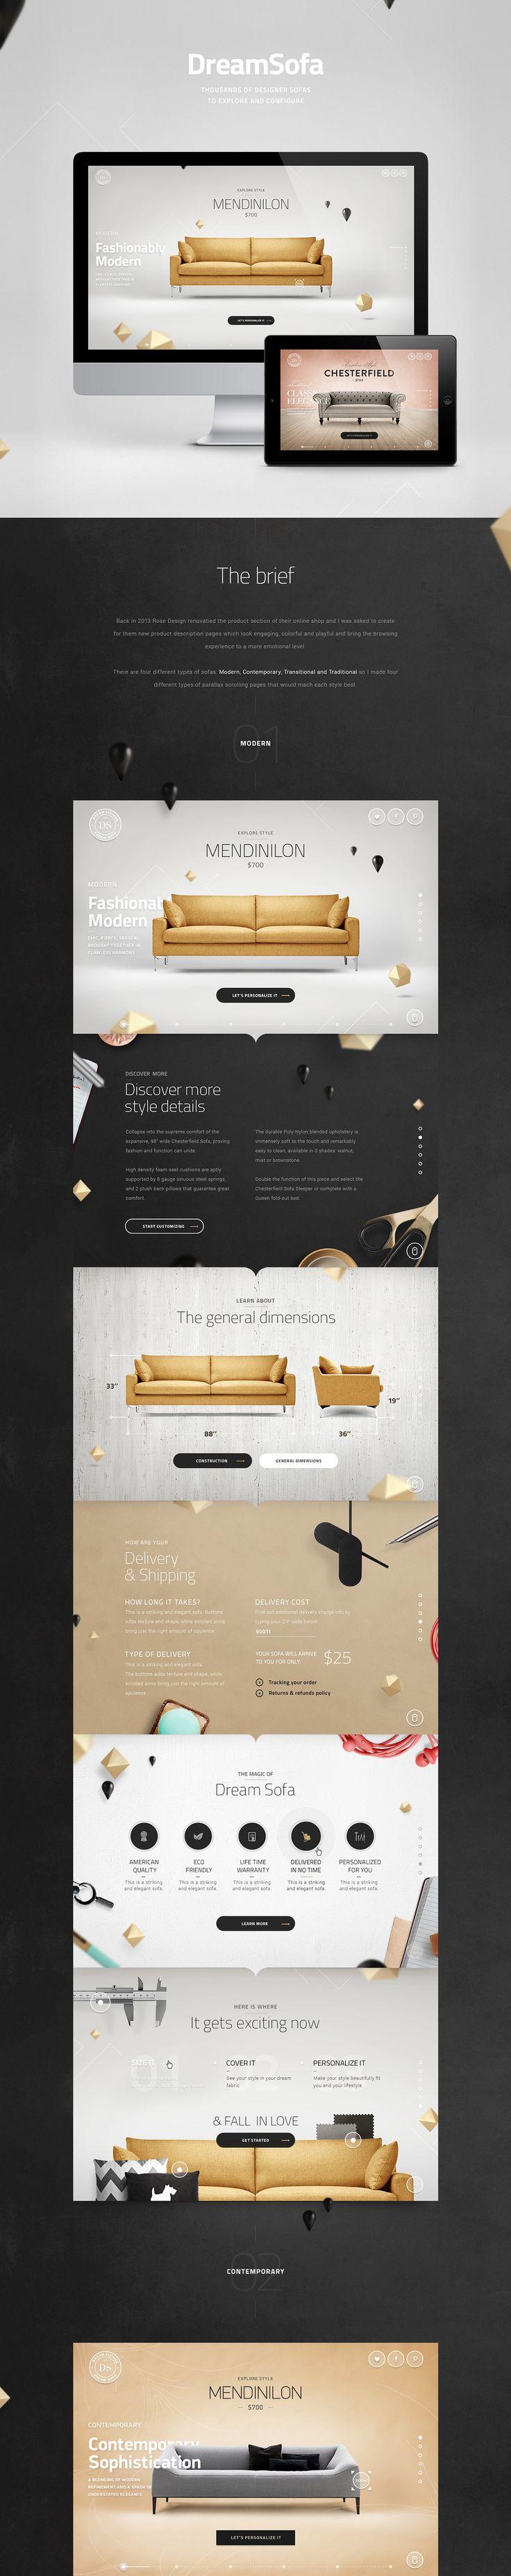 DreamSofa on Web Design Served